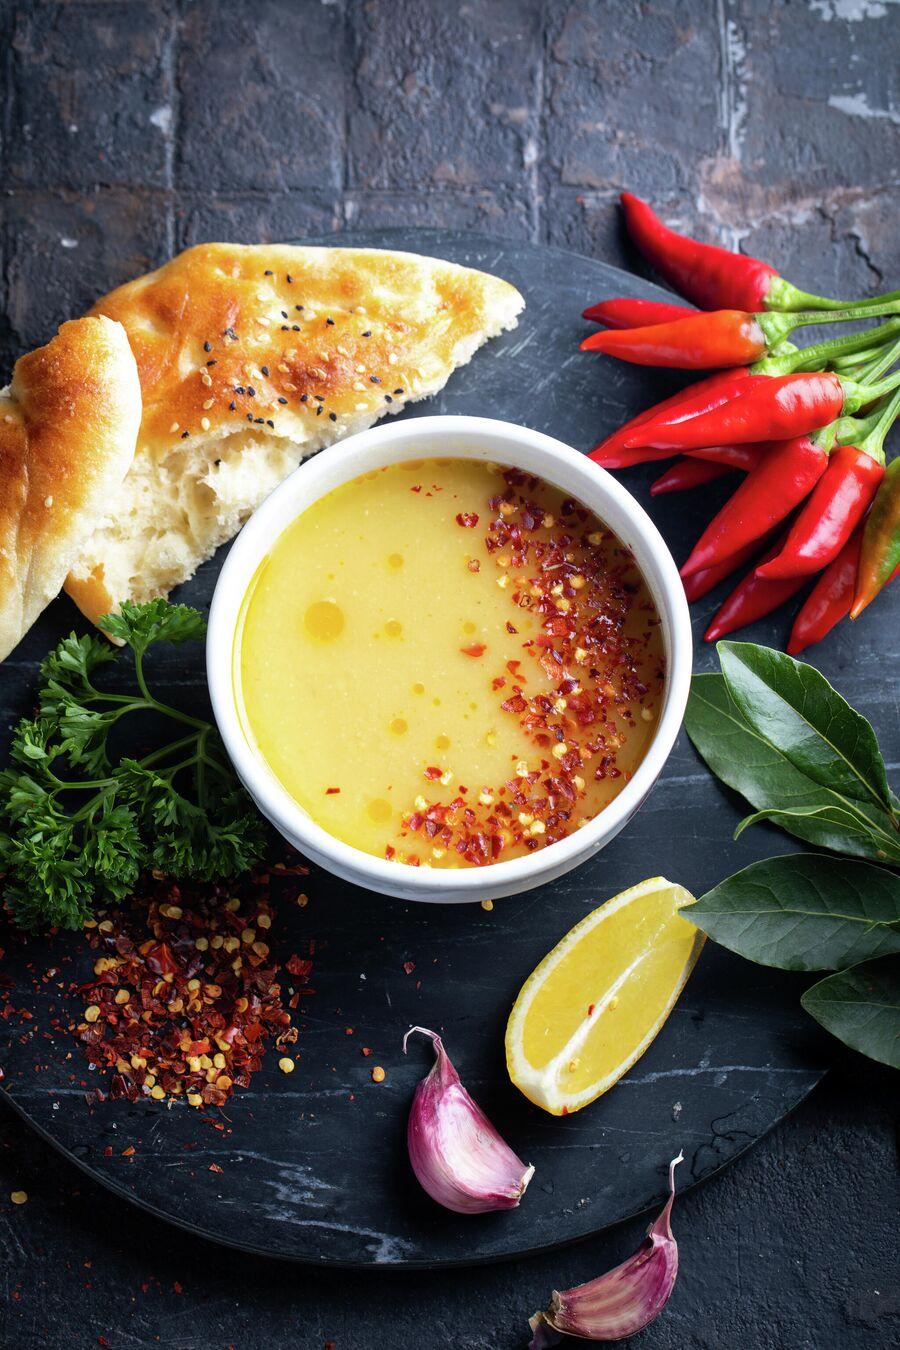 Мерджимек чорбасы (турецкийчечевичныйсуп)